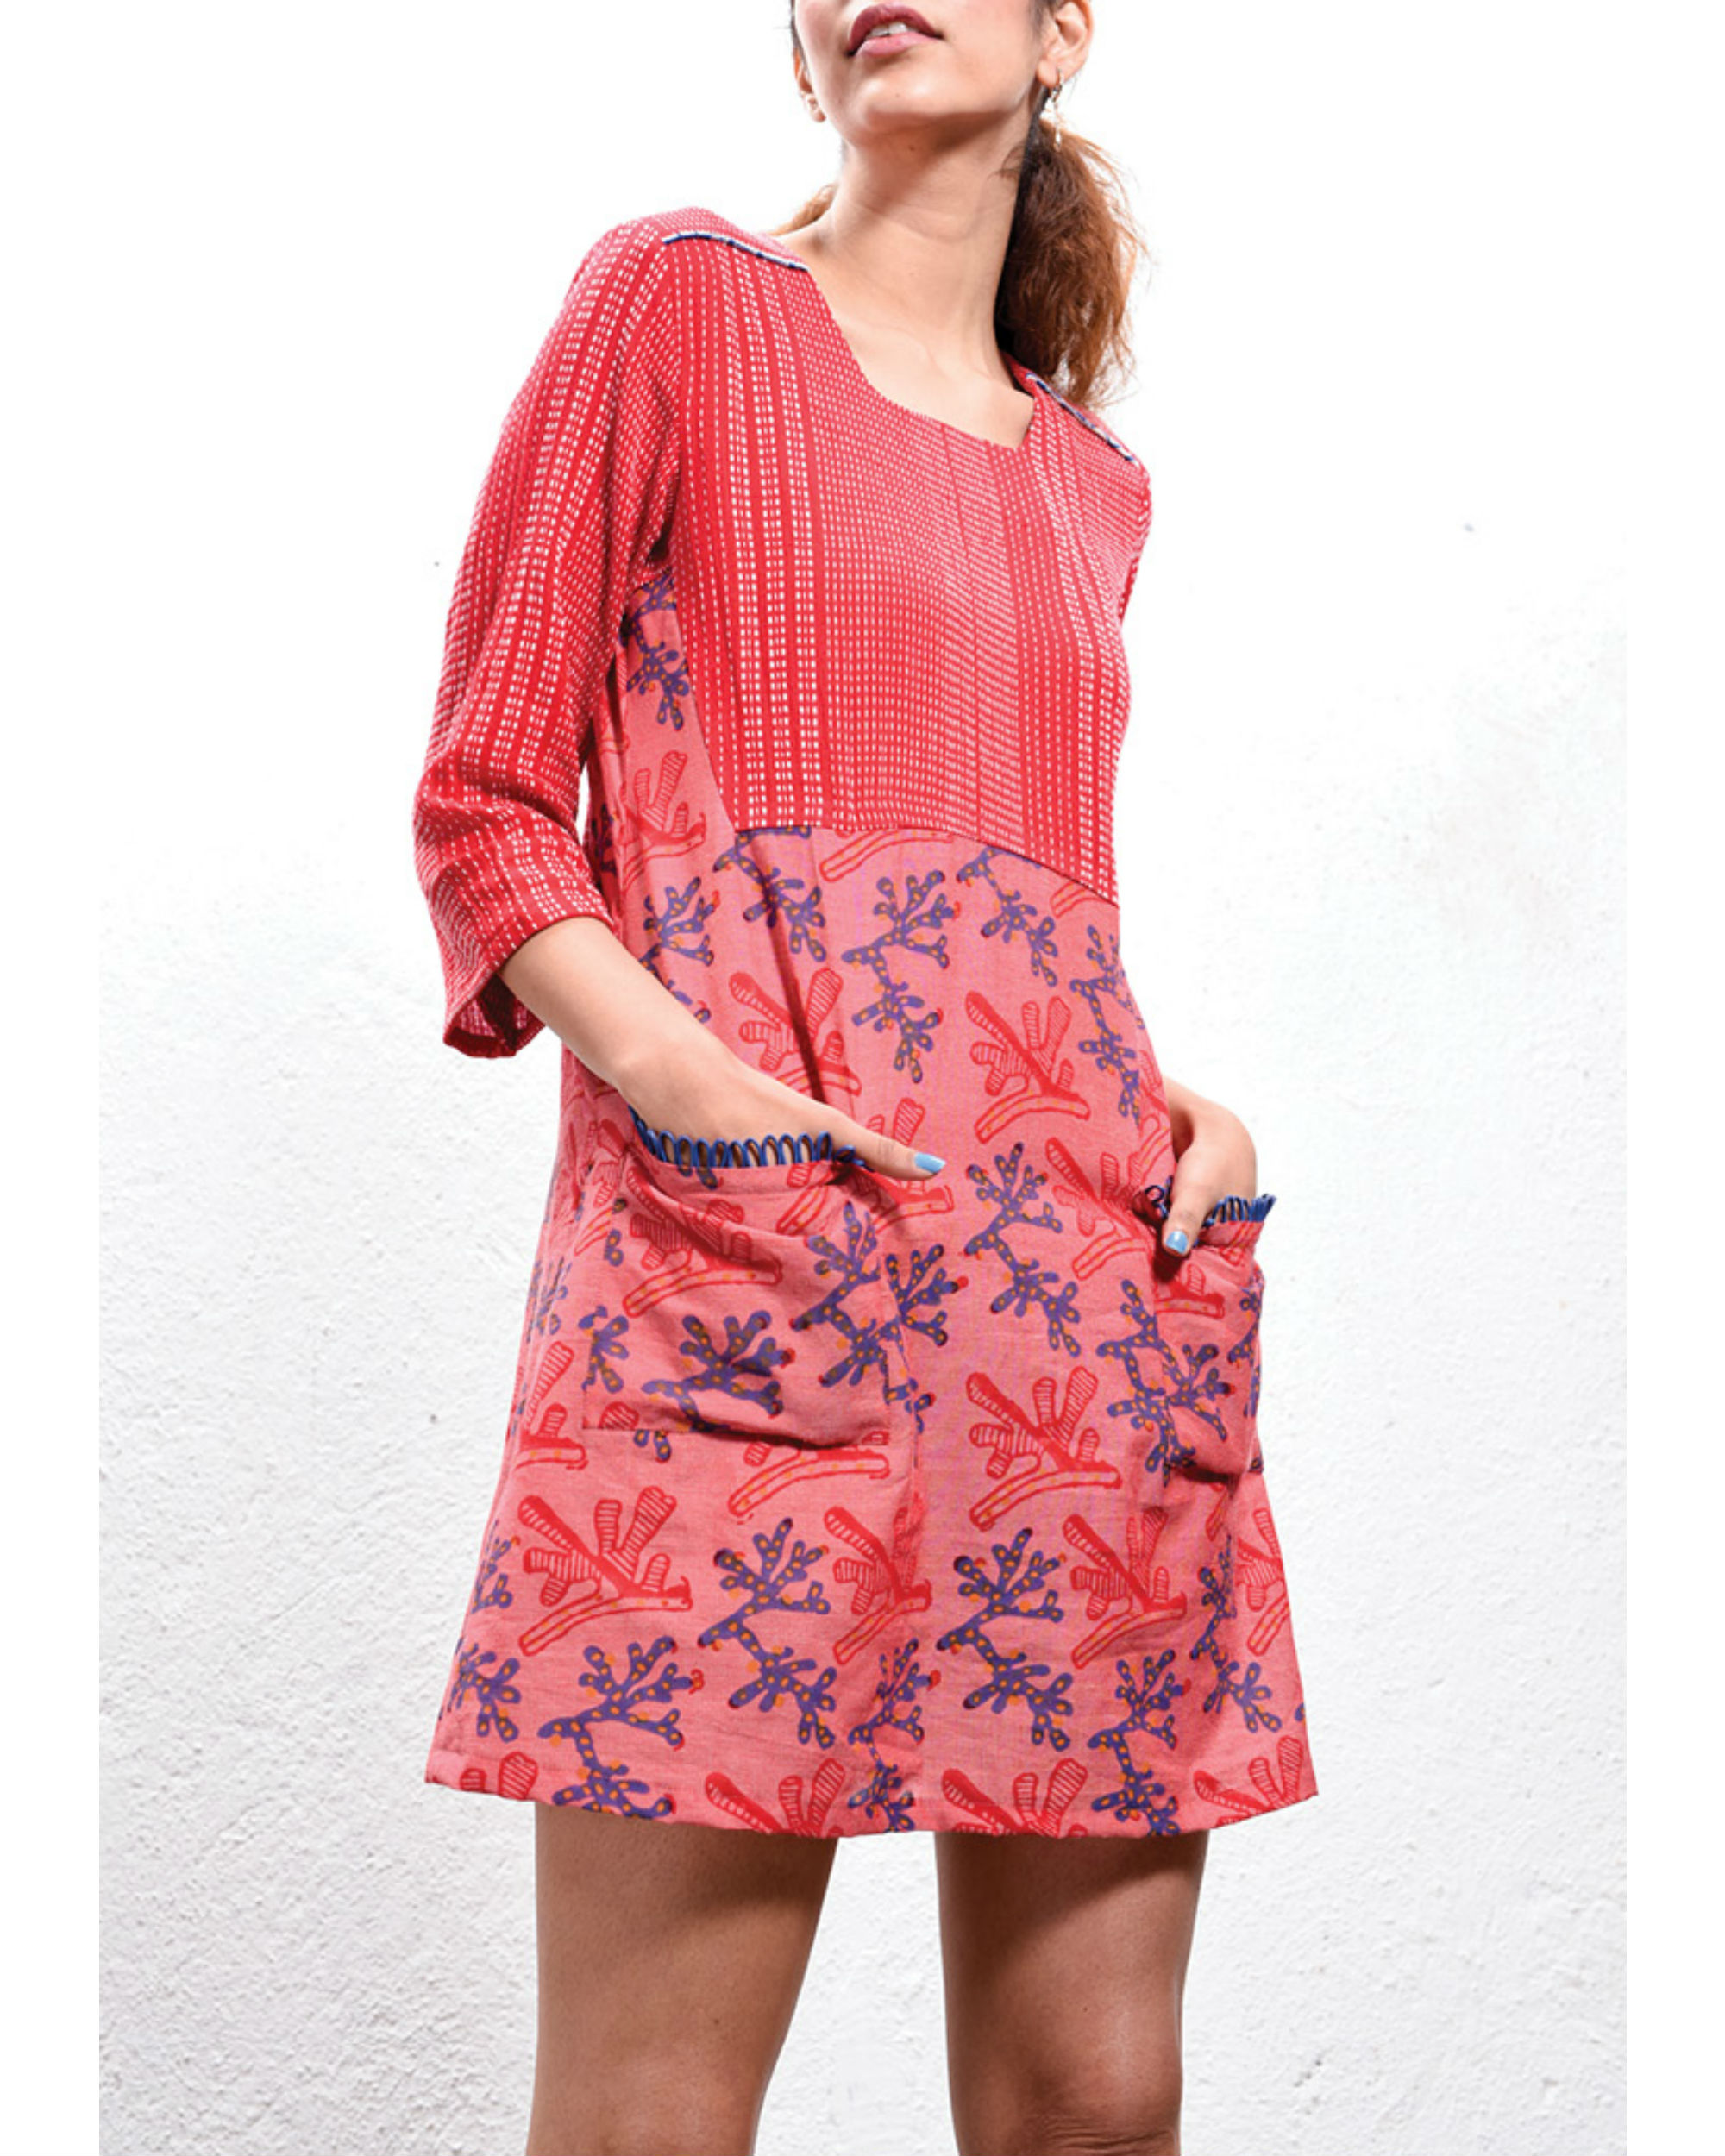 Coral front pocket dress